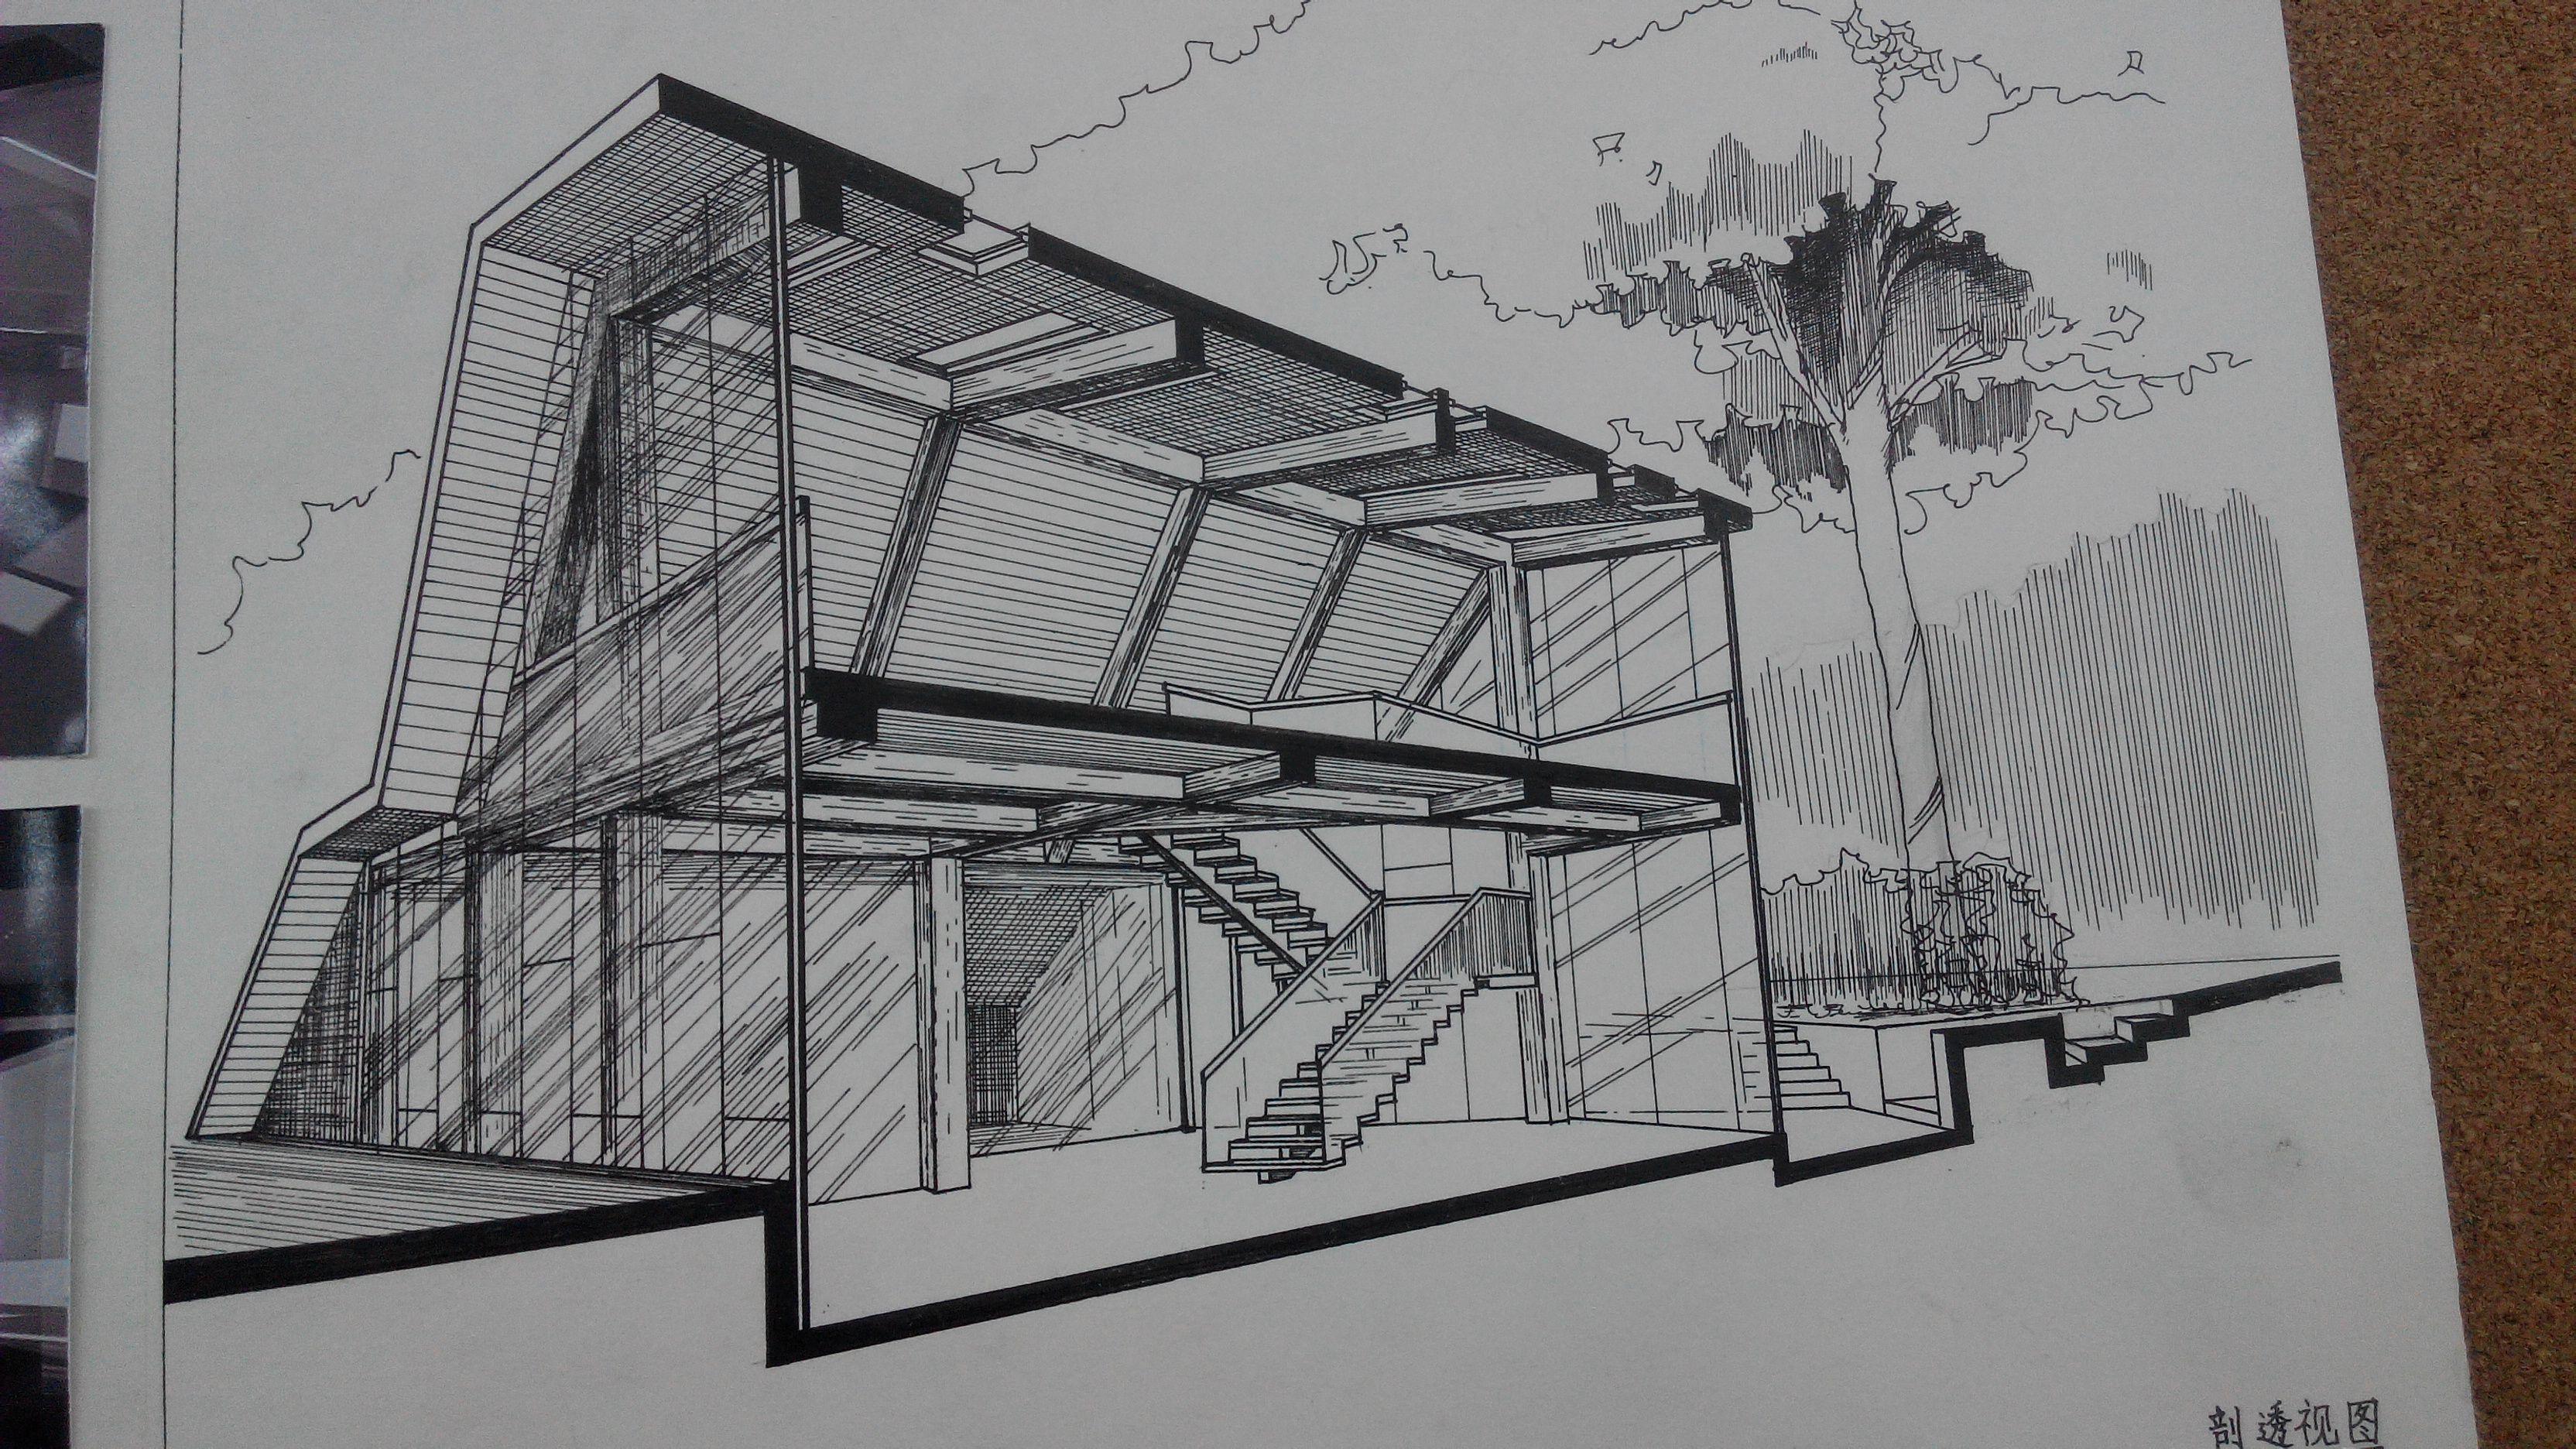 建筑中用尺子和针管笔画出来的透视图并带阴影渐变的是叫什么图图片